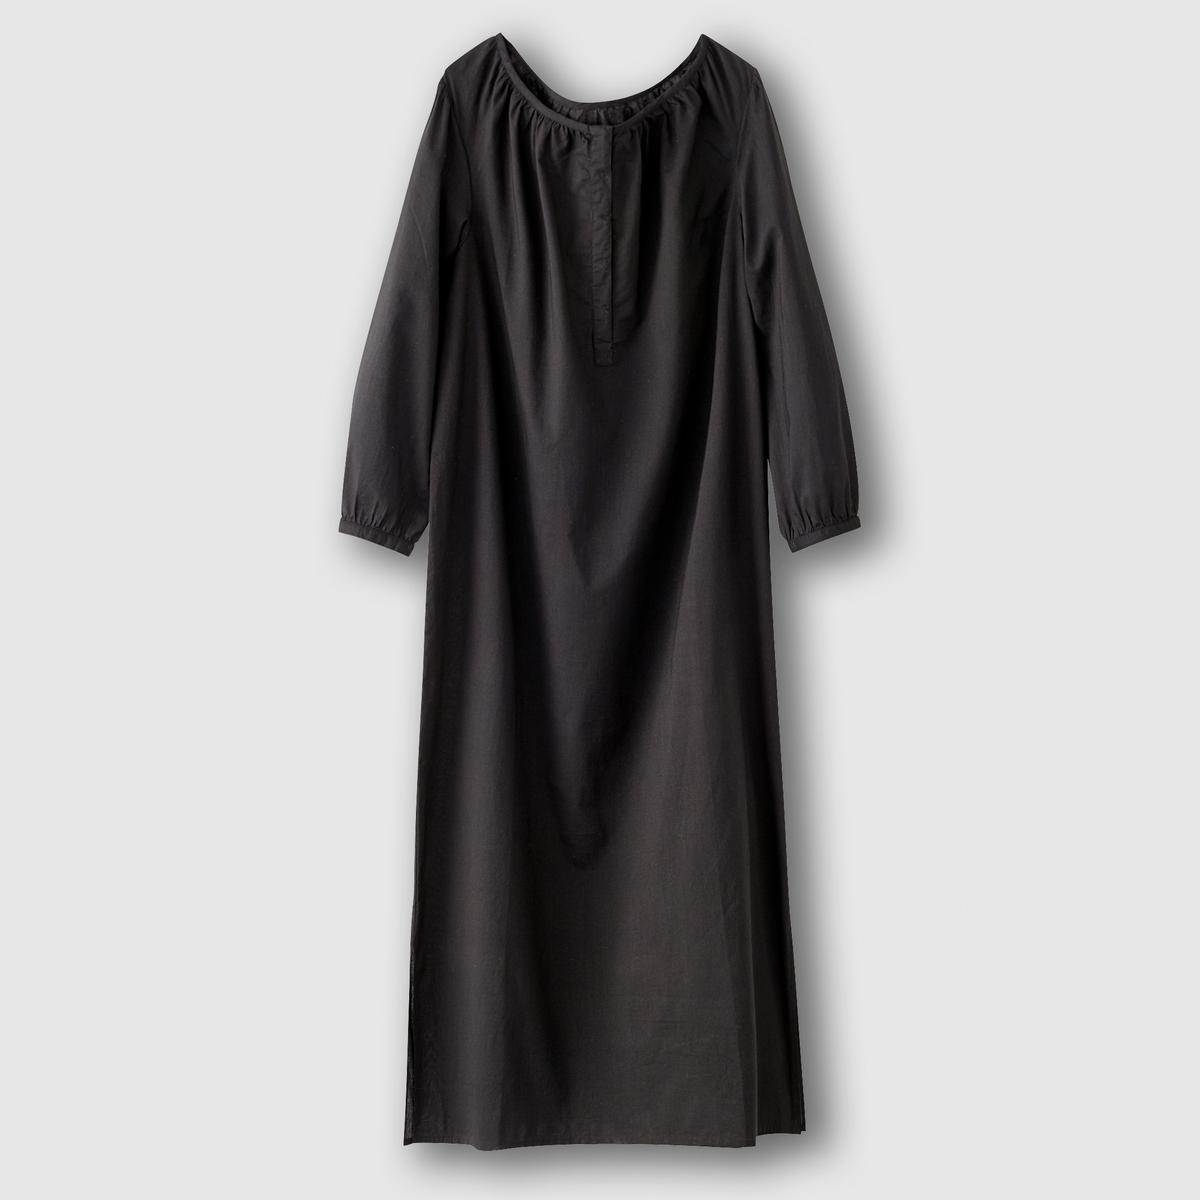 Платье из хлопковой вуалиСостав и описание           Материал вуаль  100% хлопка          Марка COULEUR  D'?T?                       Уход          Машинная стирка при 30°C на деликатном режиме           Машинная сушка запрещена           Глажение при средней температуре<br><br>Цвет: черный<br>Размер: 38 (FR) - 44 (RUS)